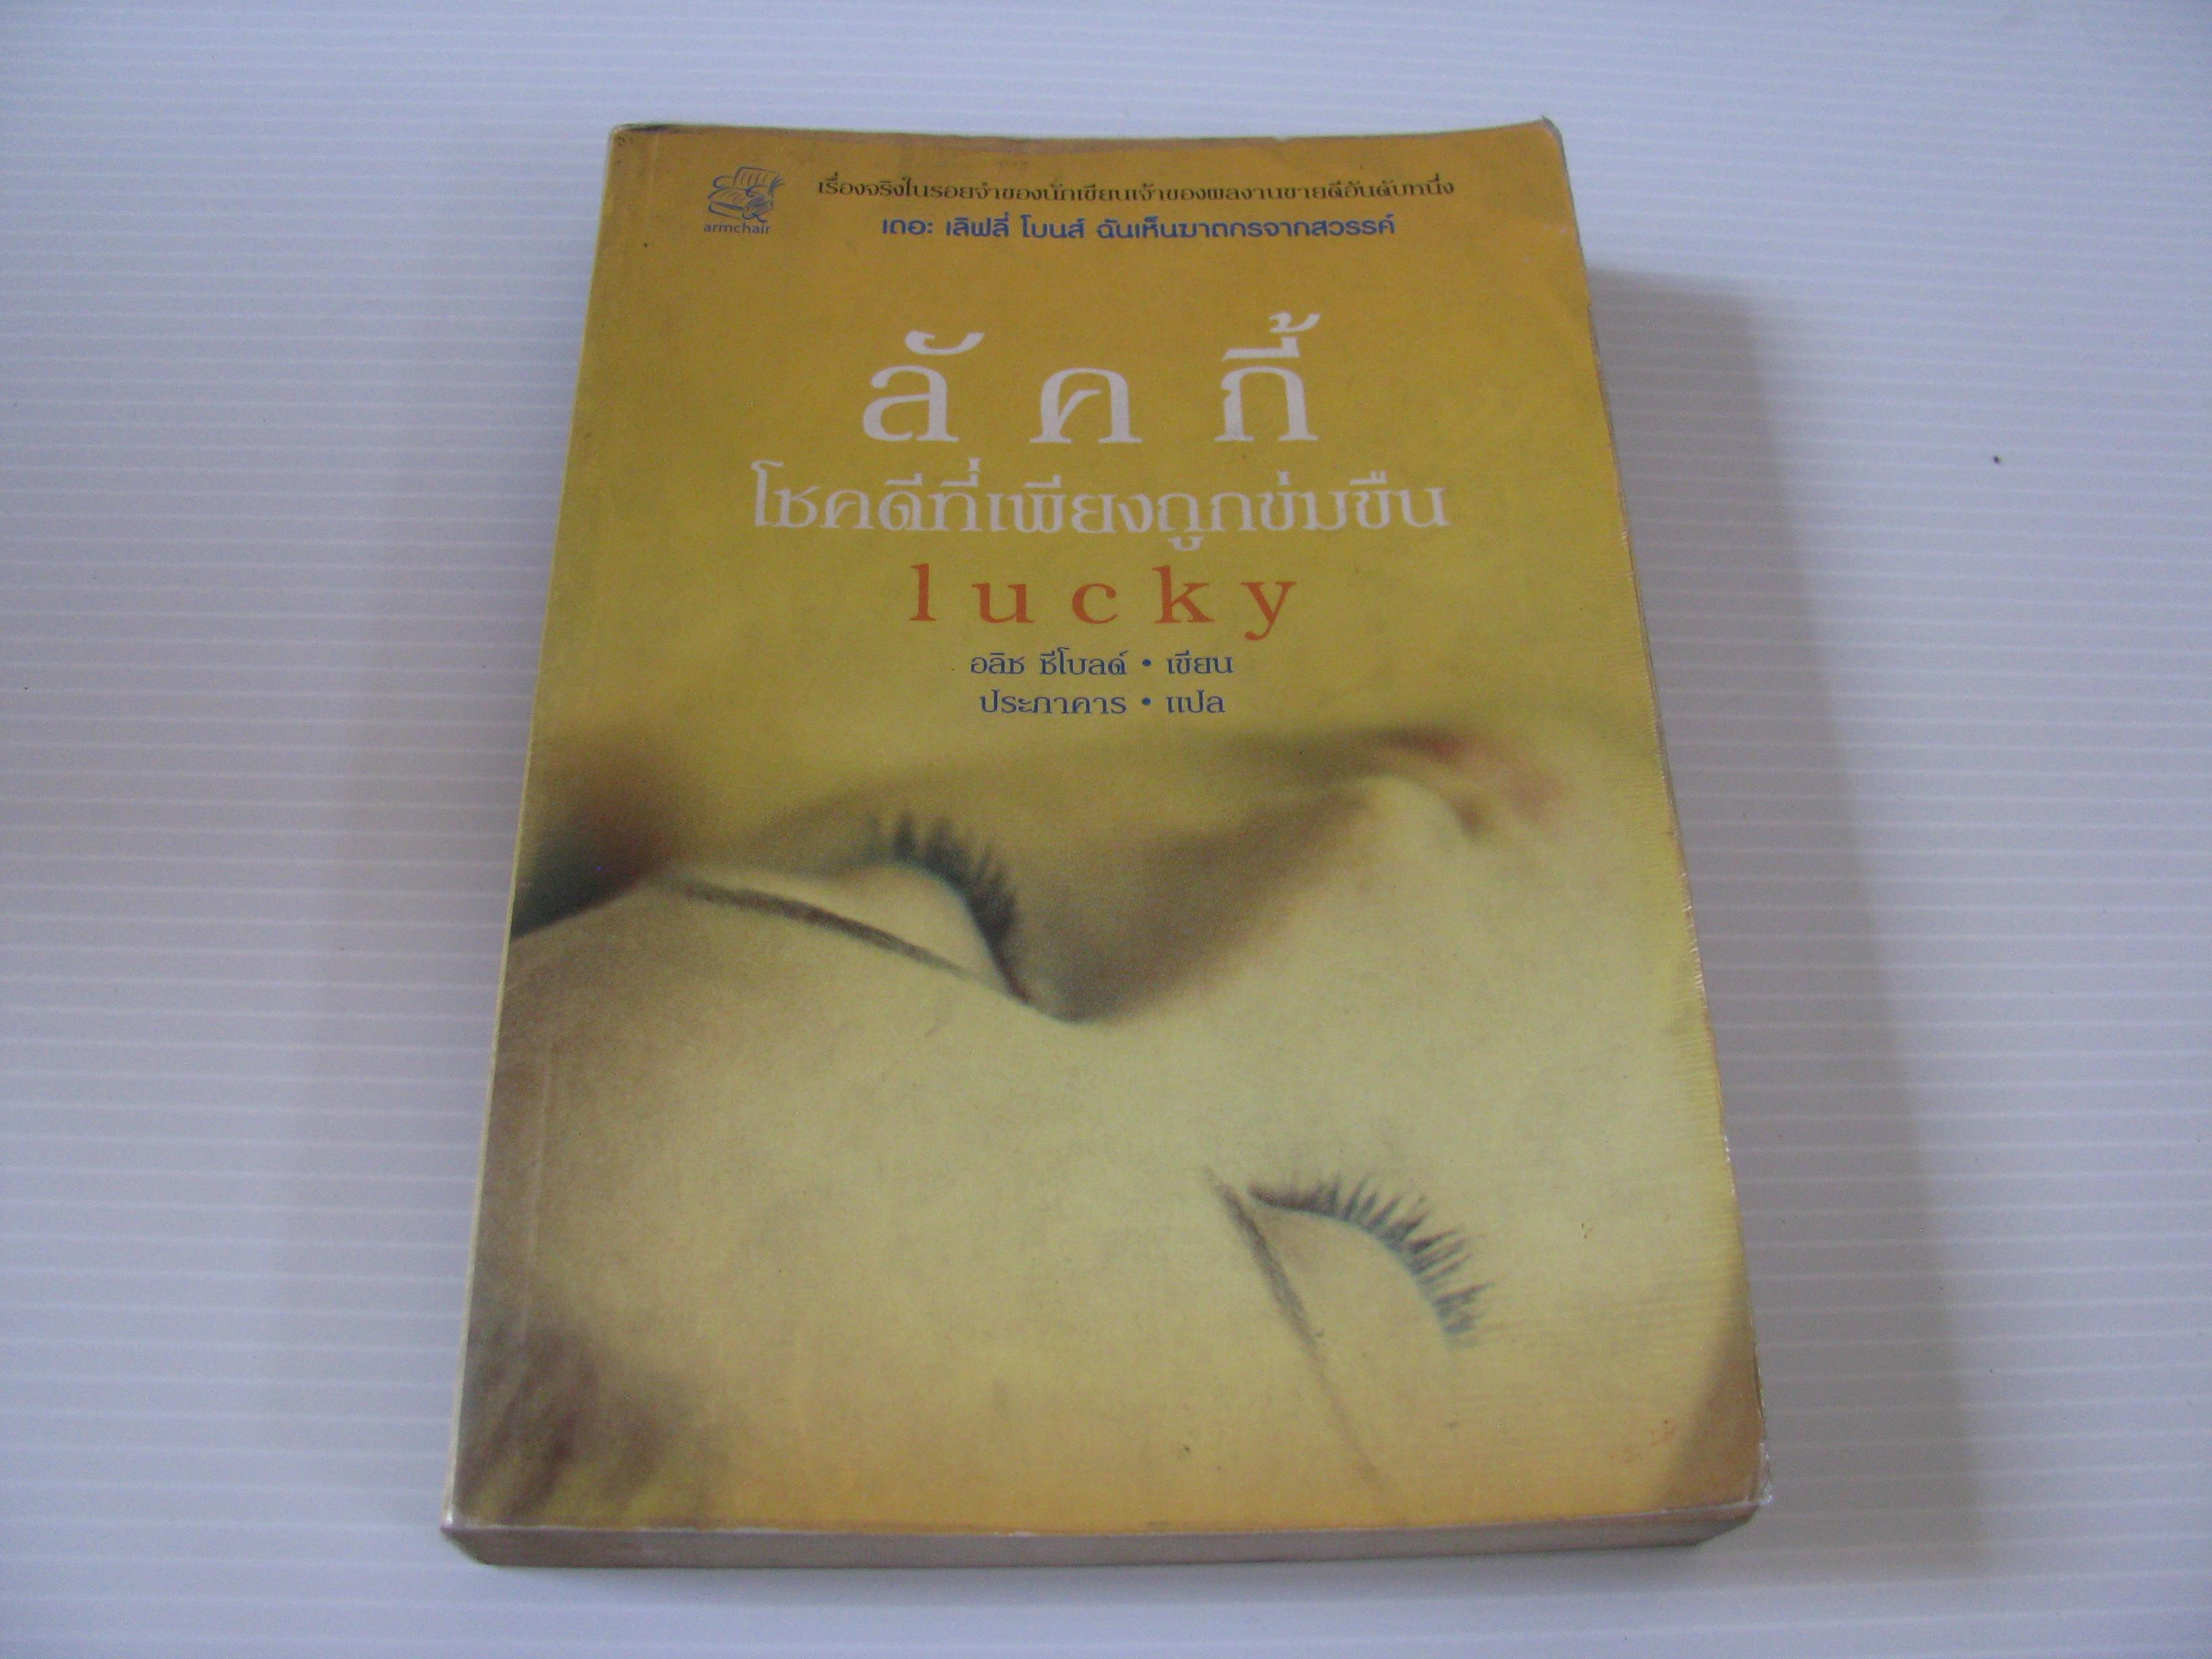 ลัคกี้ โชคดีที่เพียงถูกข่มขืน (Lucky) อลิซ ซีโบลด์ เขียน ประภาคาร แปล